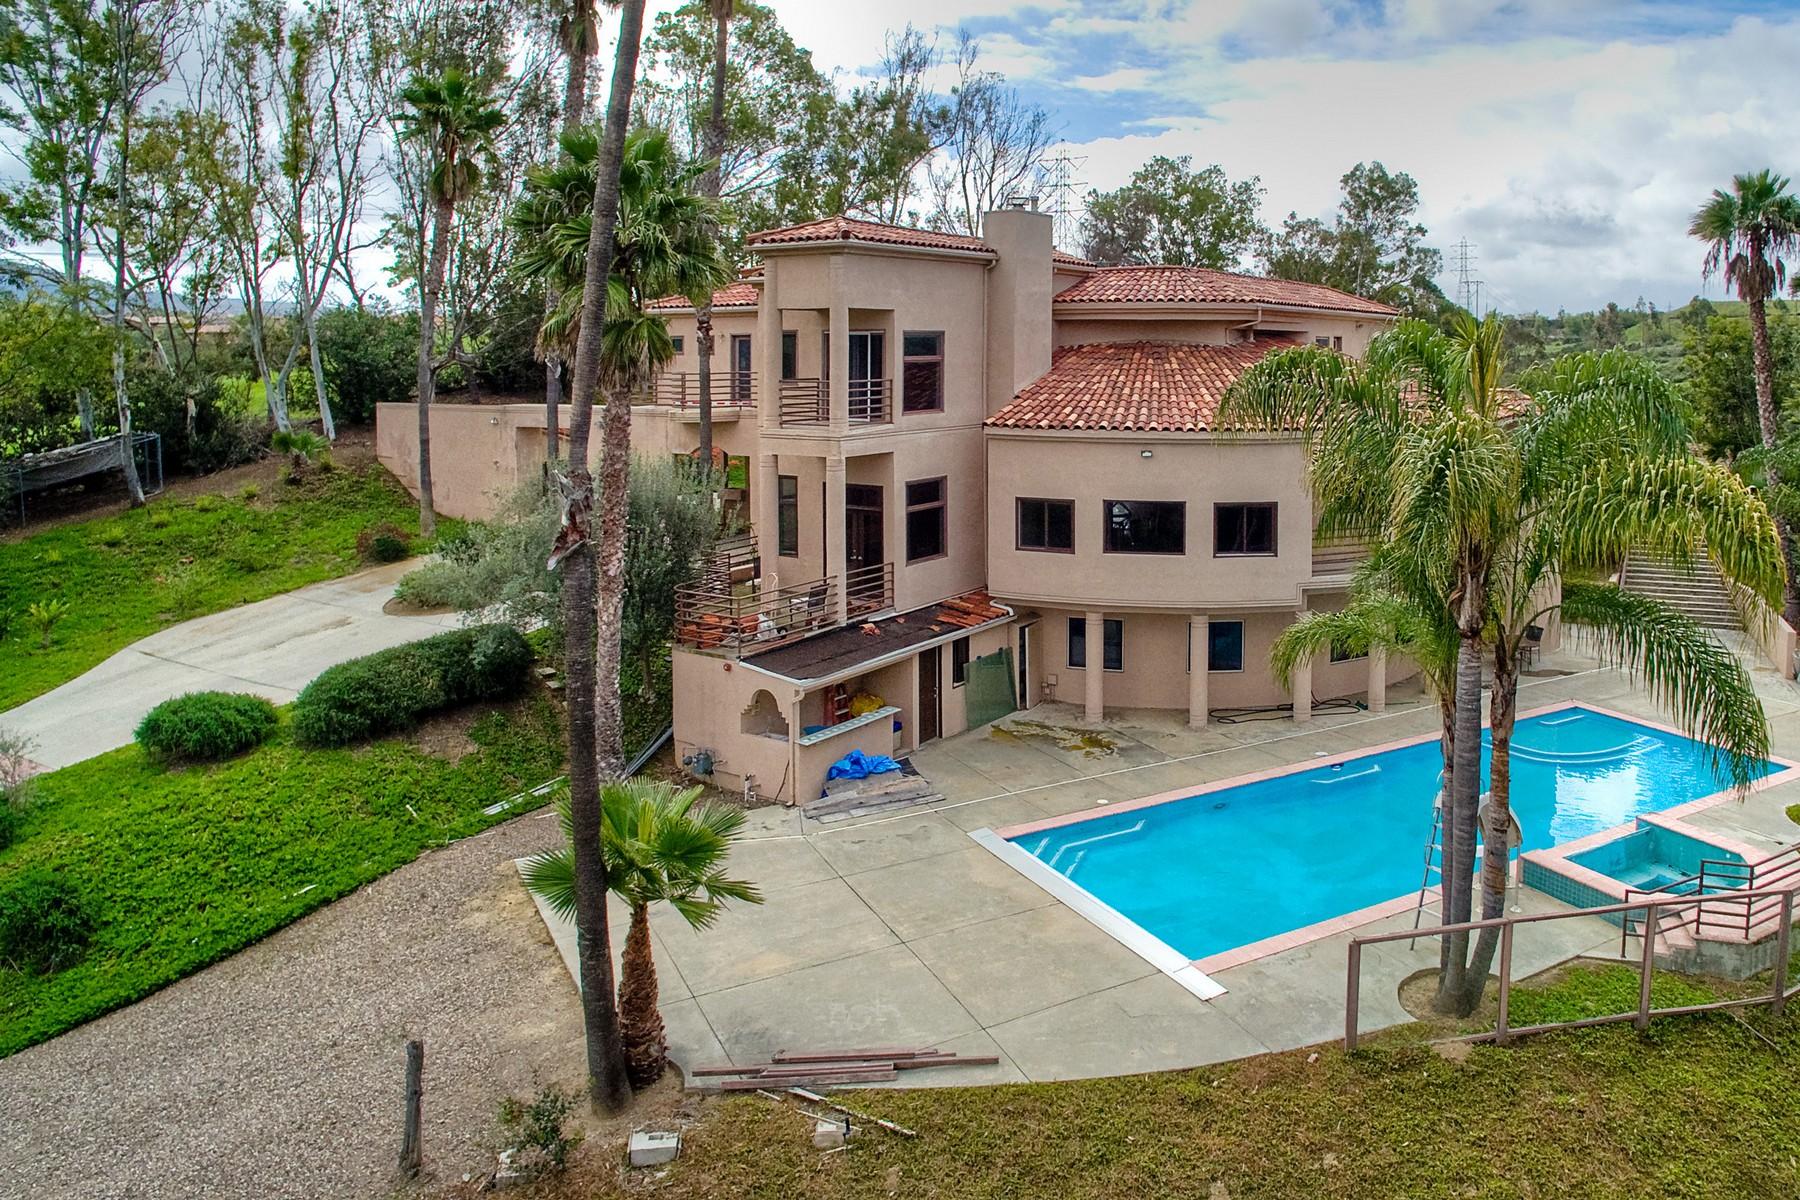 Maison unifamiliale pour l Vente à 17398 Calle Serena Rancho Santa Fe, Californie, 92067 États-Unis